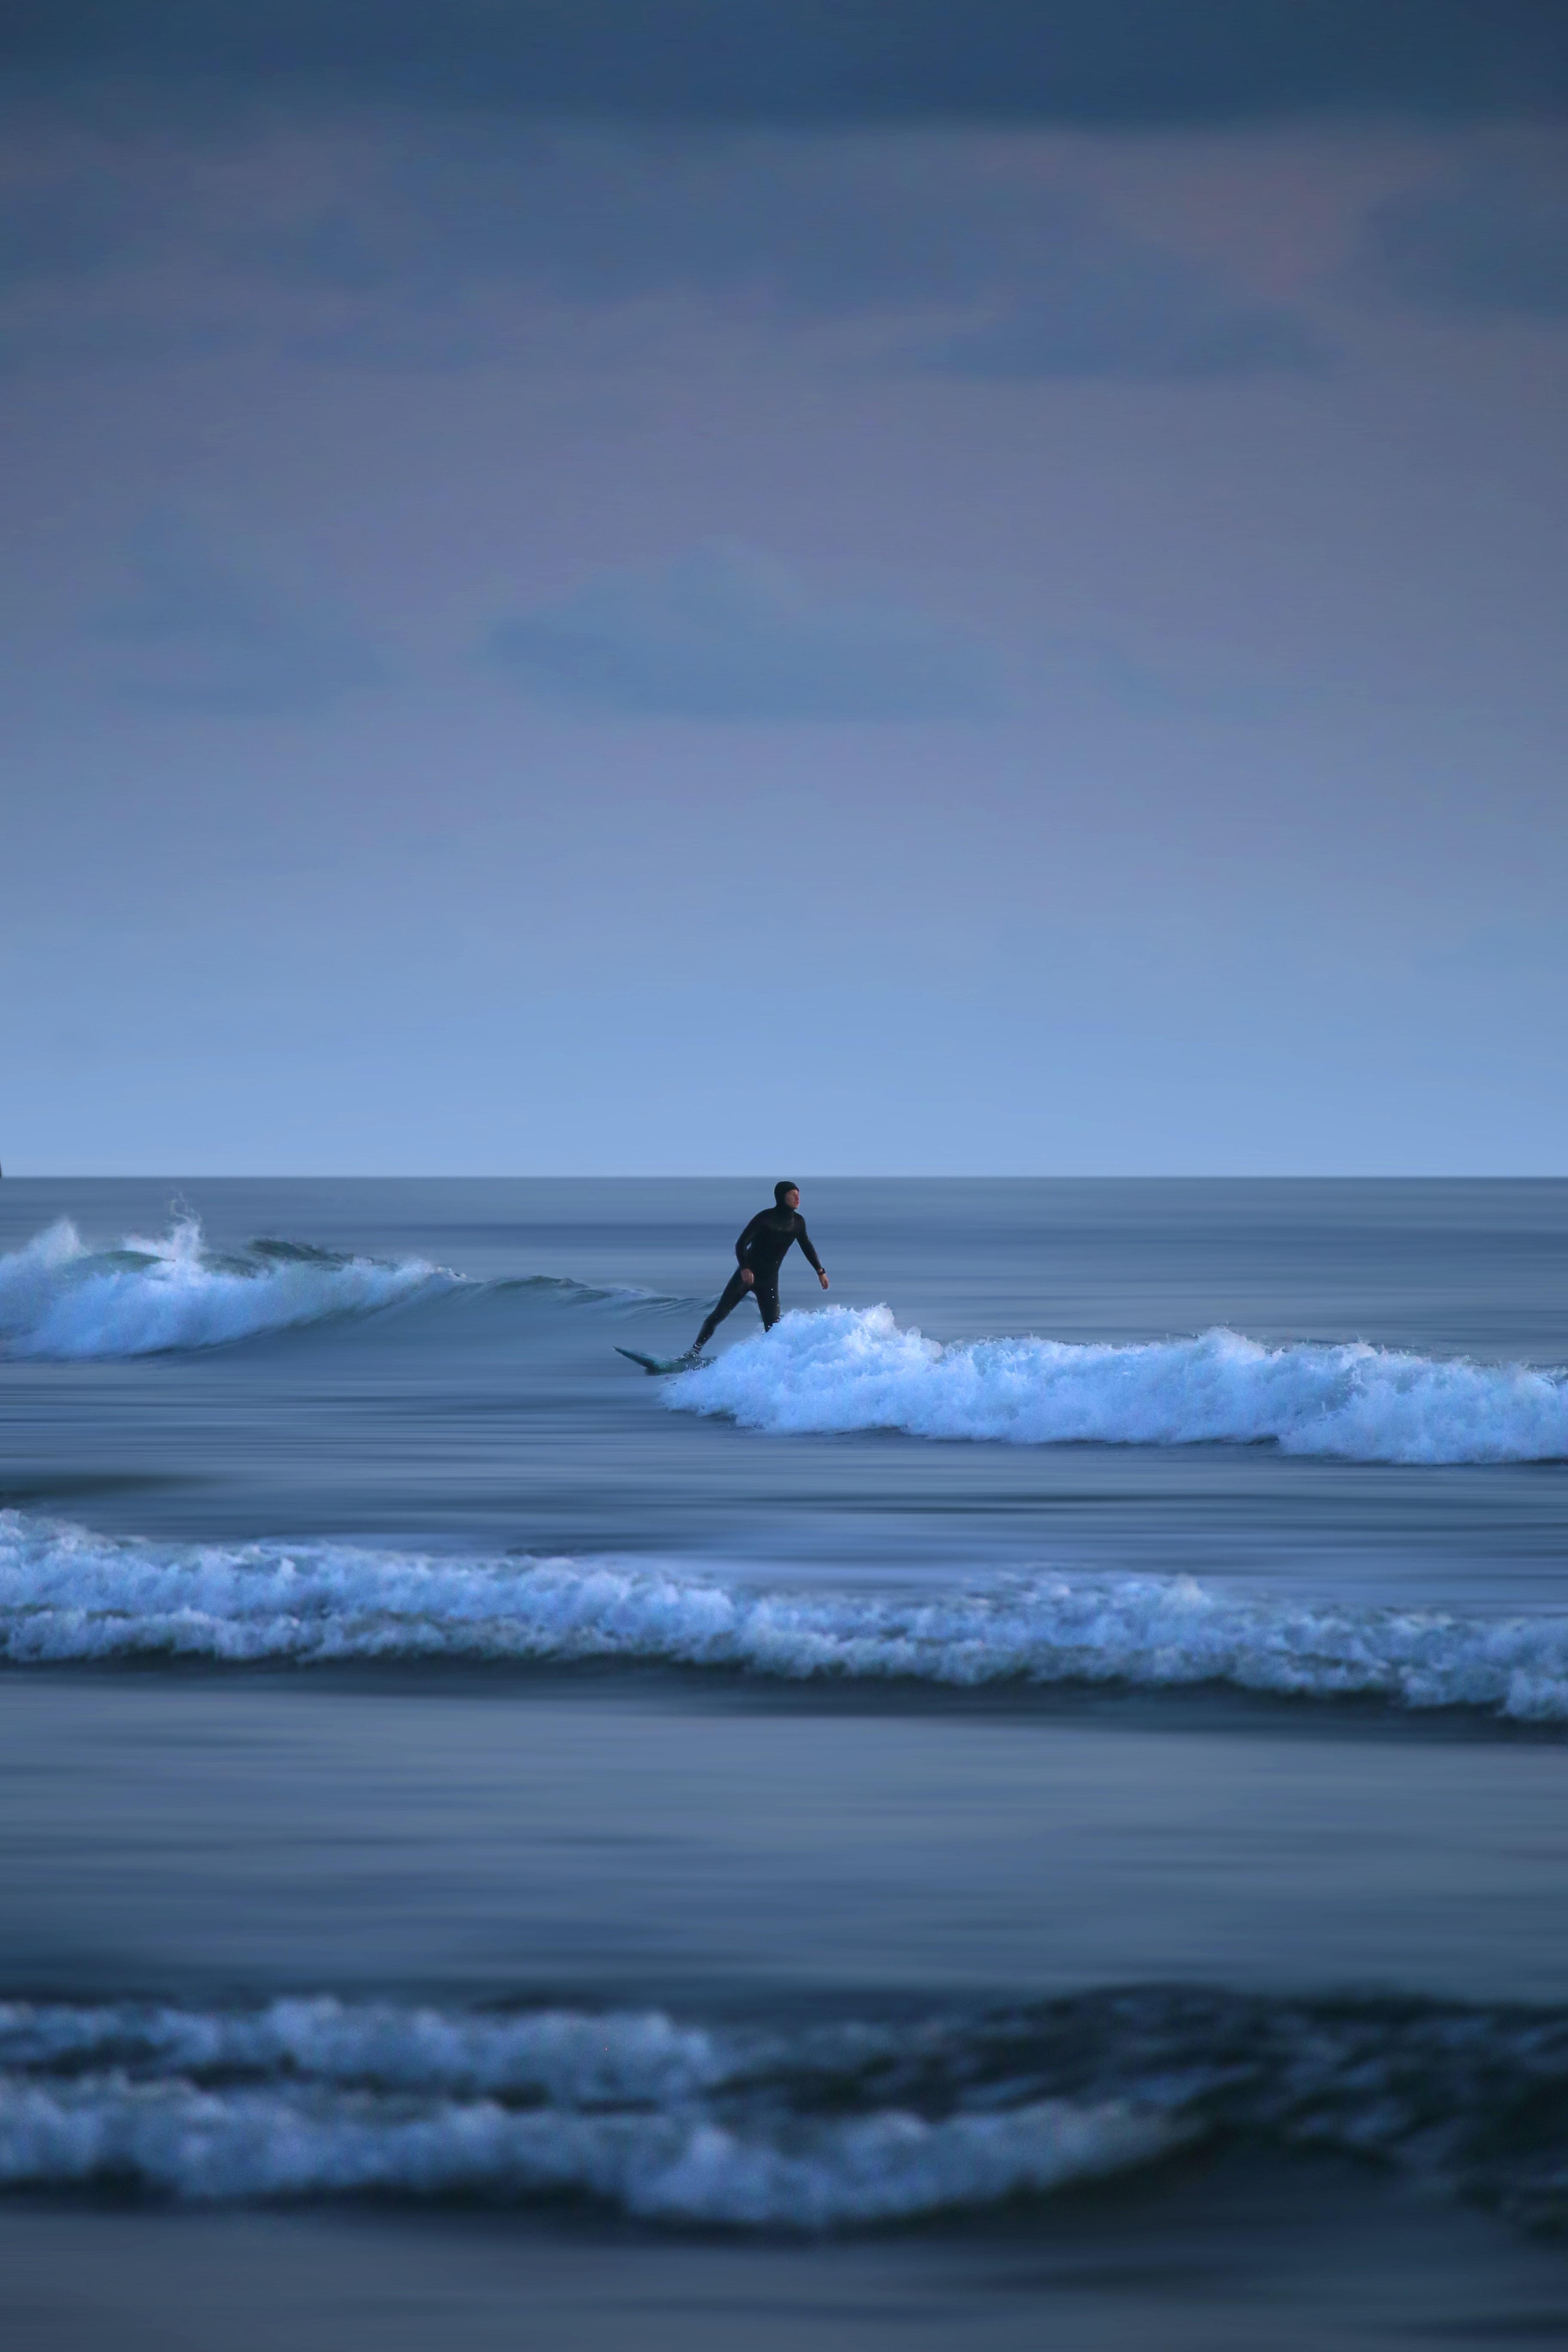 52695 скачать обои Спорт, Серфинг, Море, Доска, Горизонт, Волны - заставки и картинки бесплатно